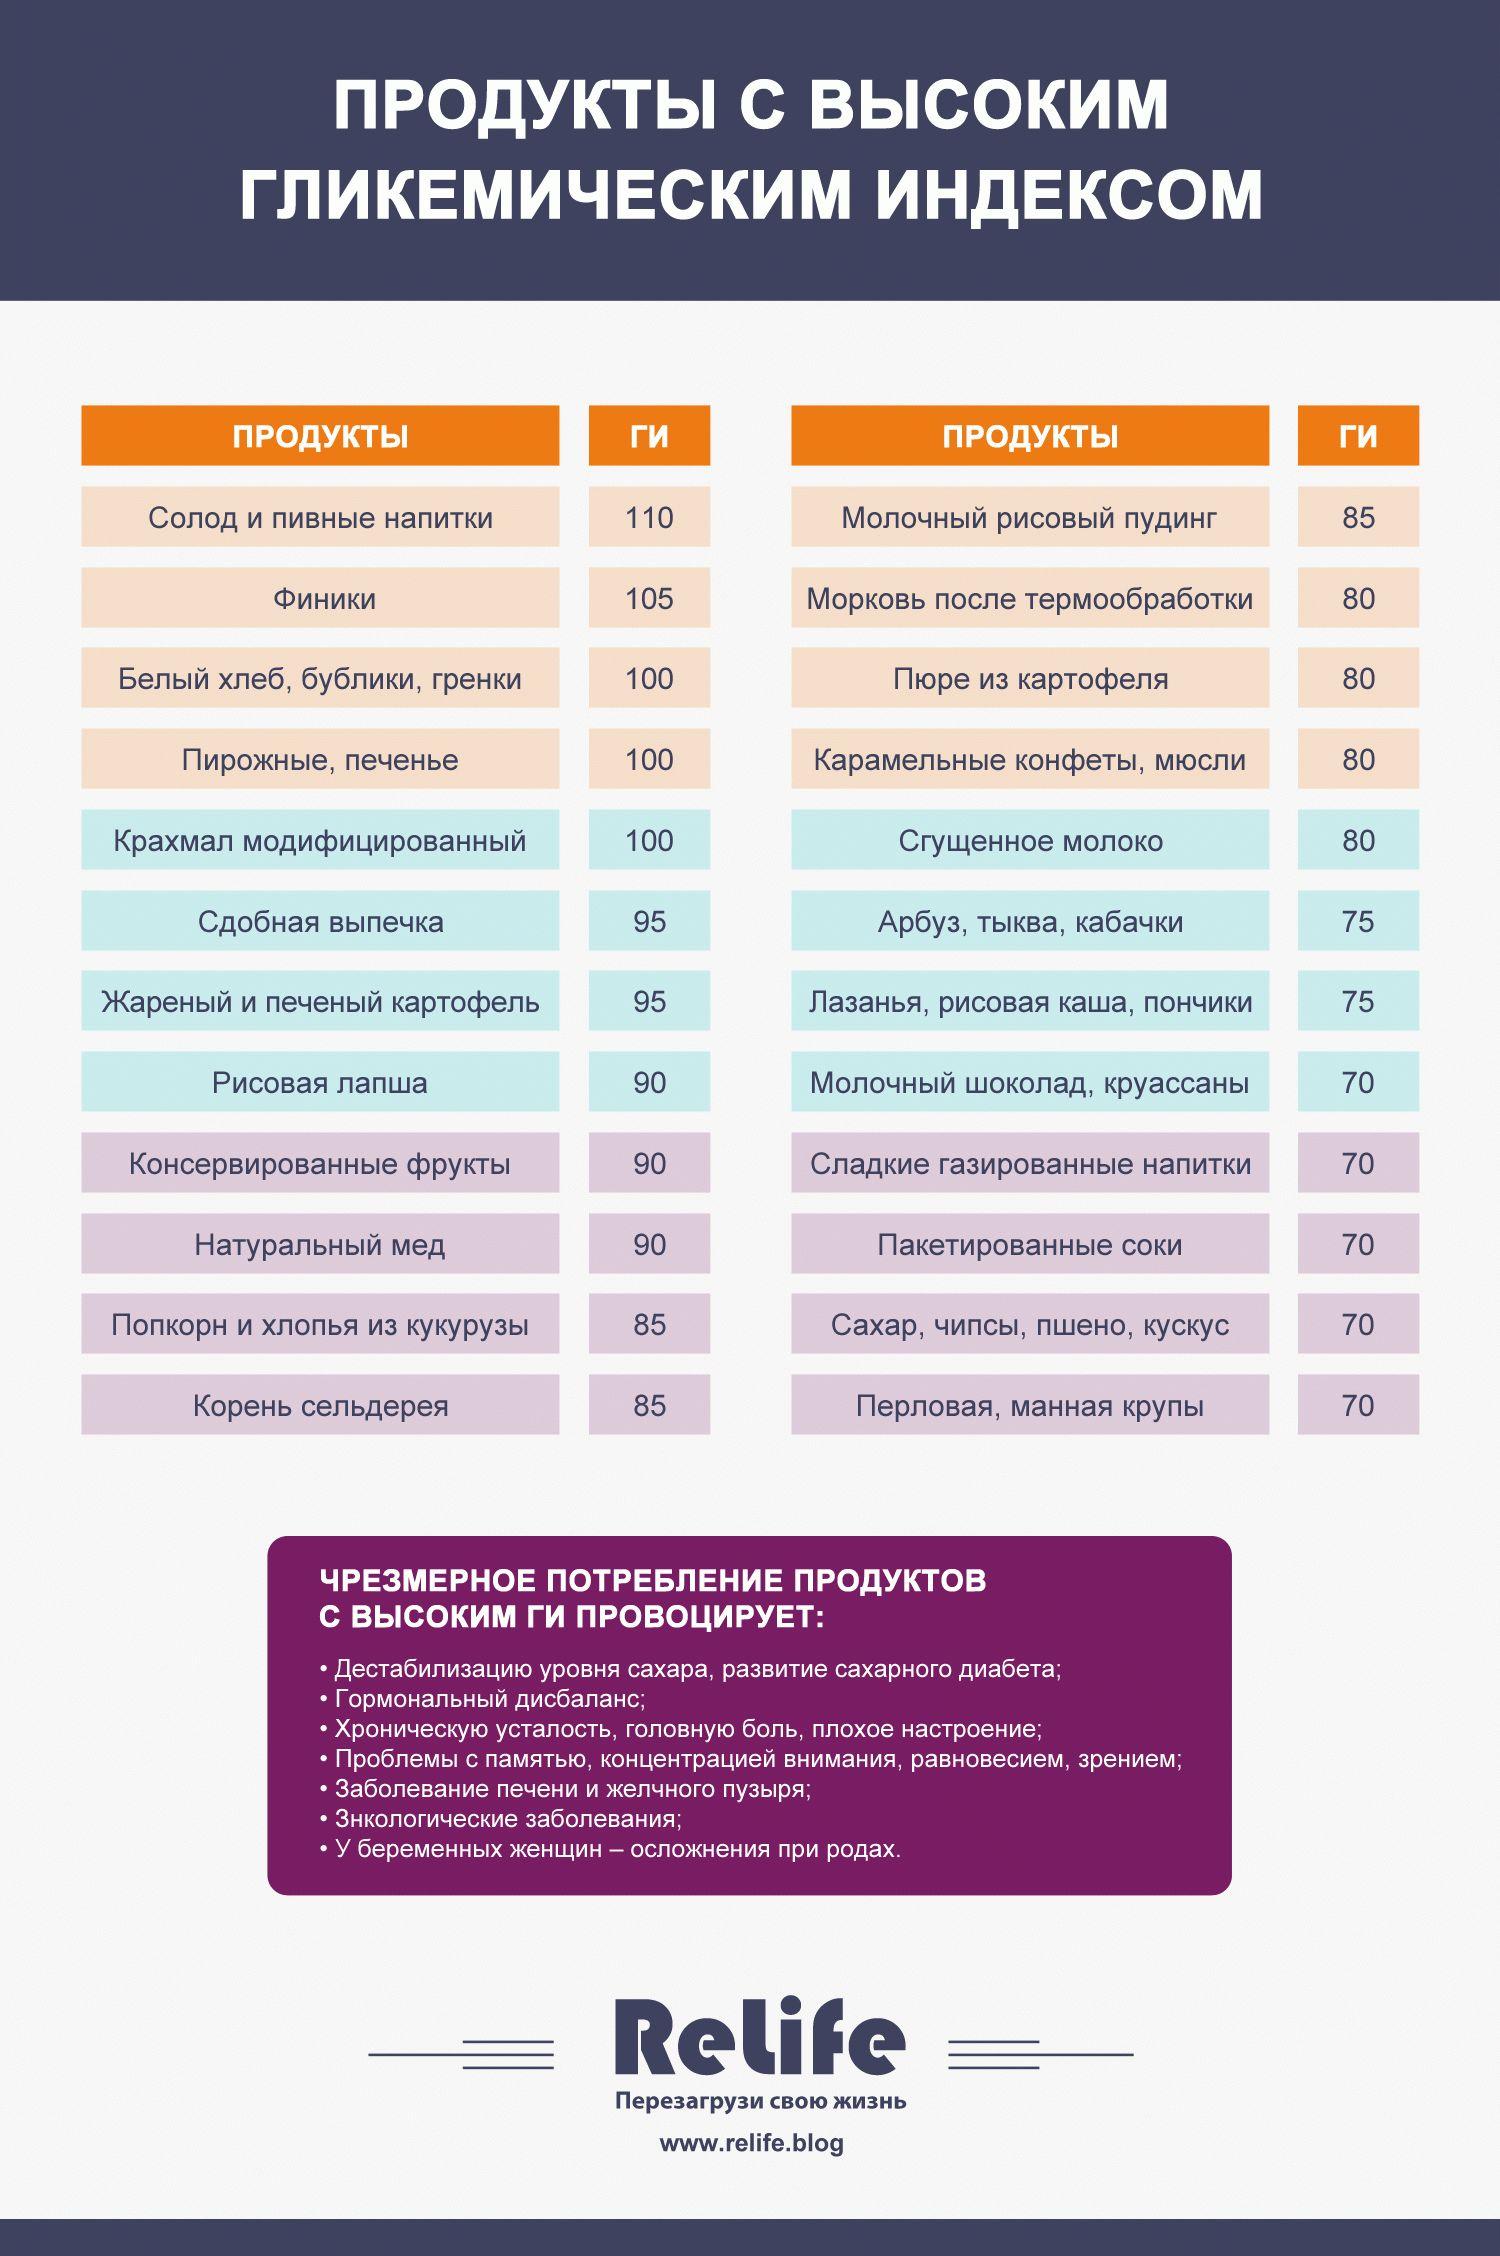 Диета по гликемическому индексу монтиньяка. таблица продуктов, меню, результаты